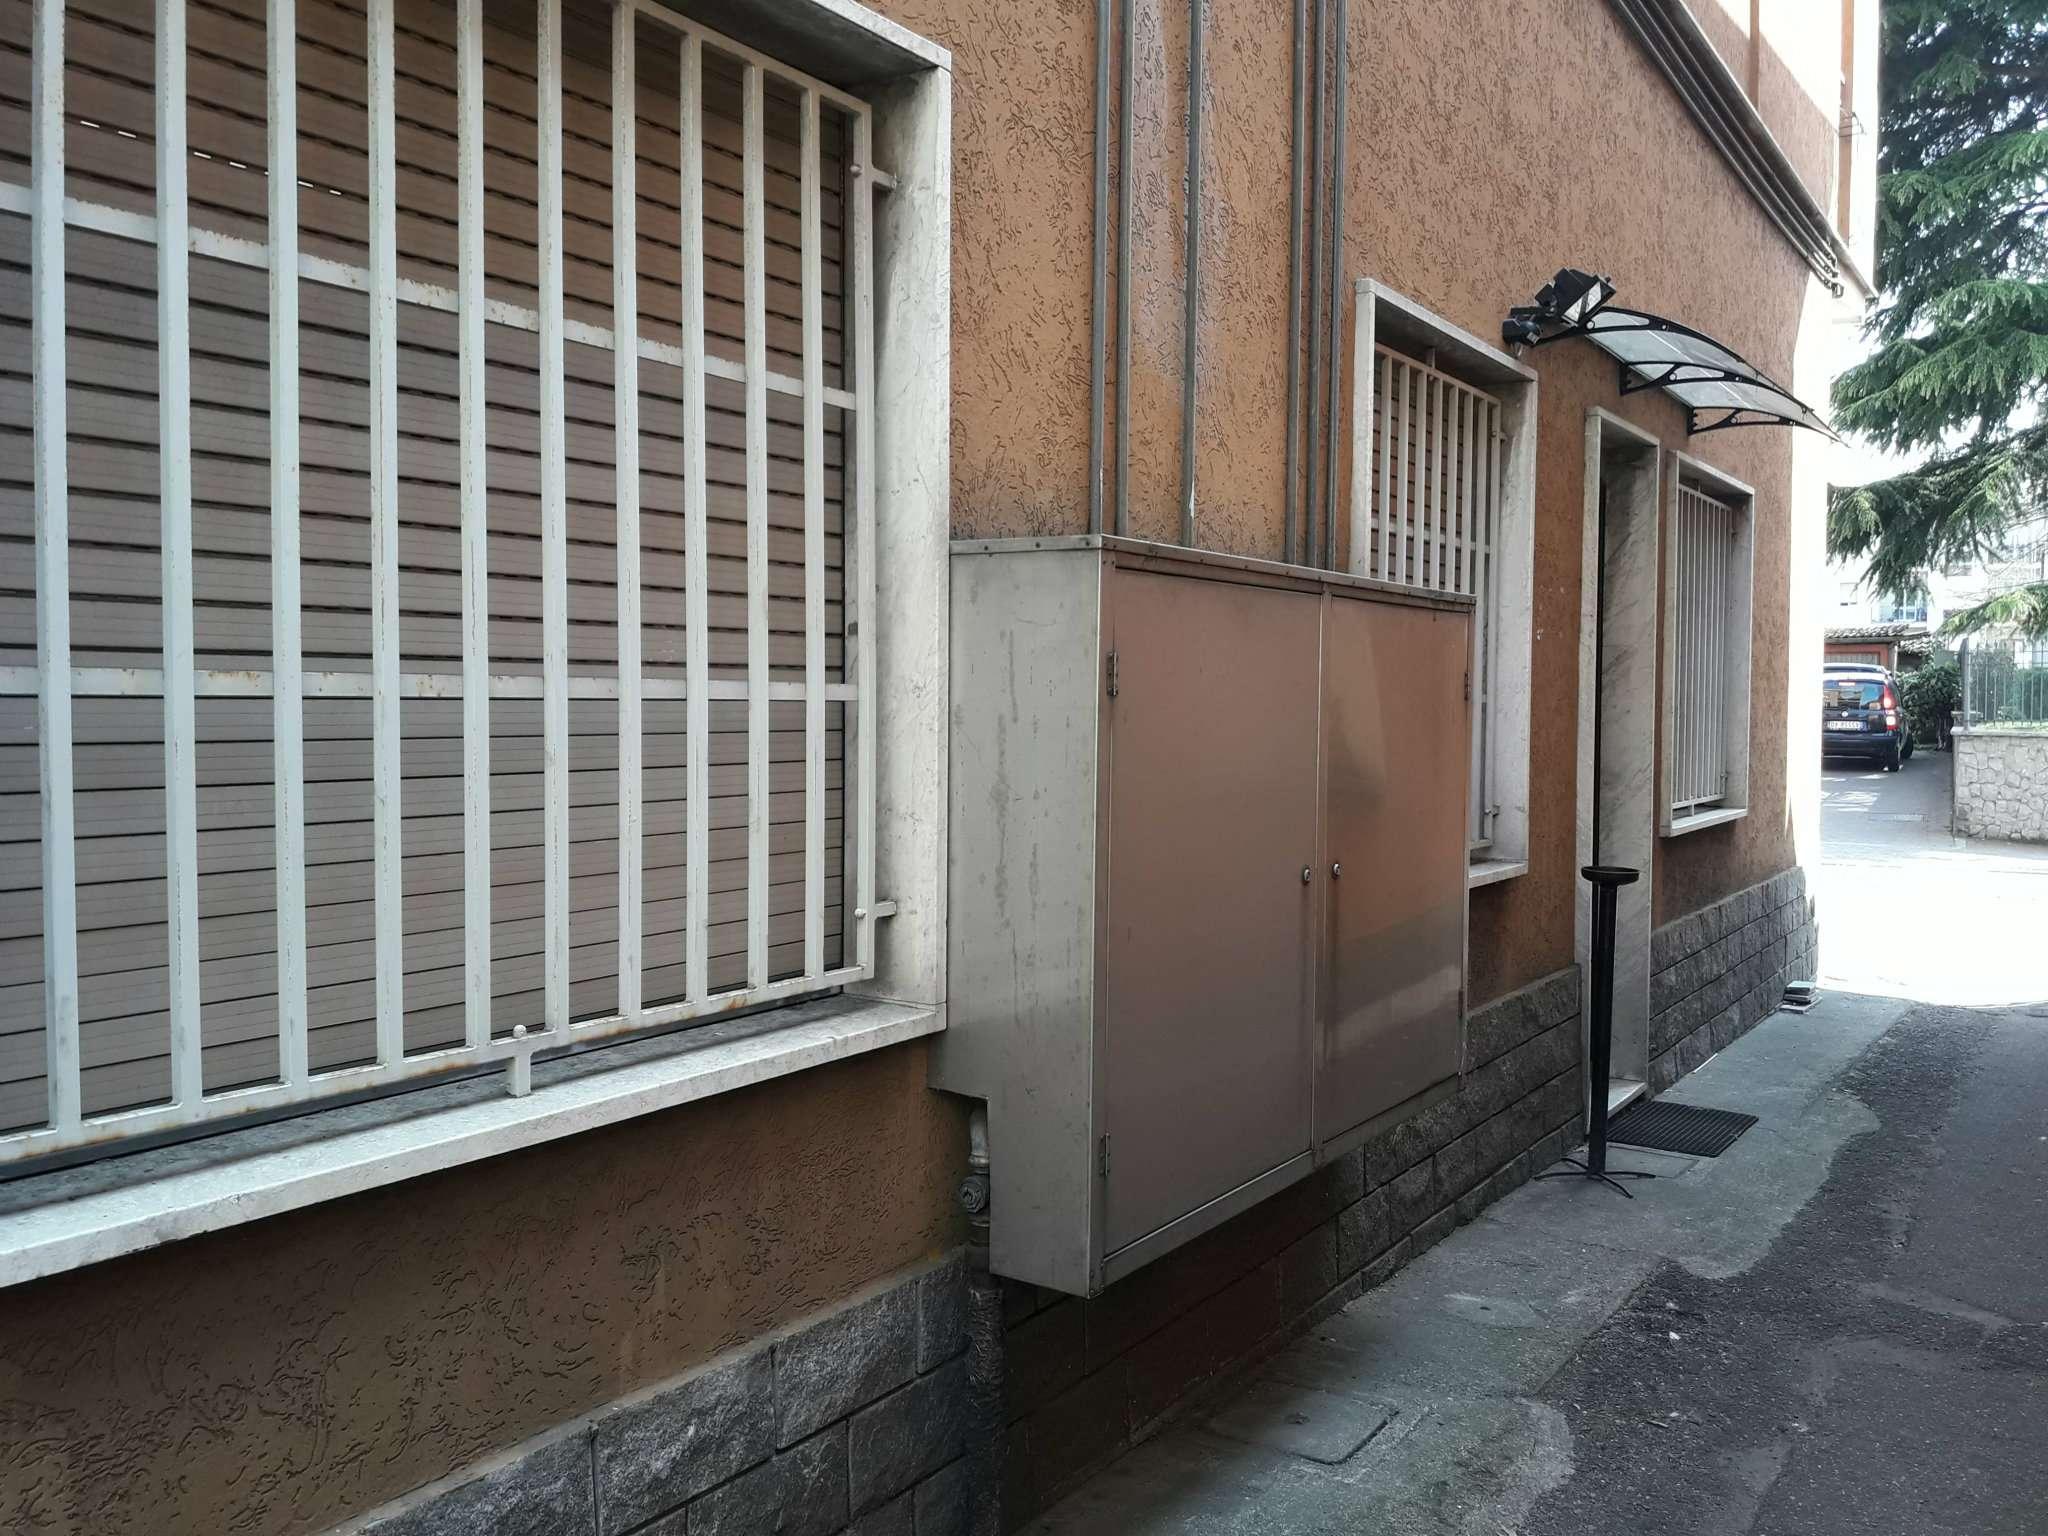 Negozio / Locale in vendita a Luisago, 3 locali, prezzo € 149.000   CambioCasa.it